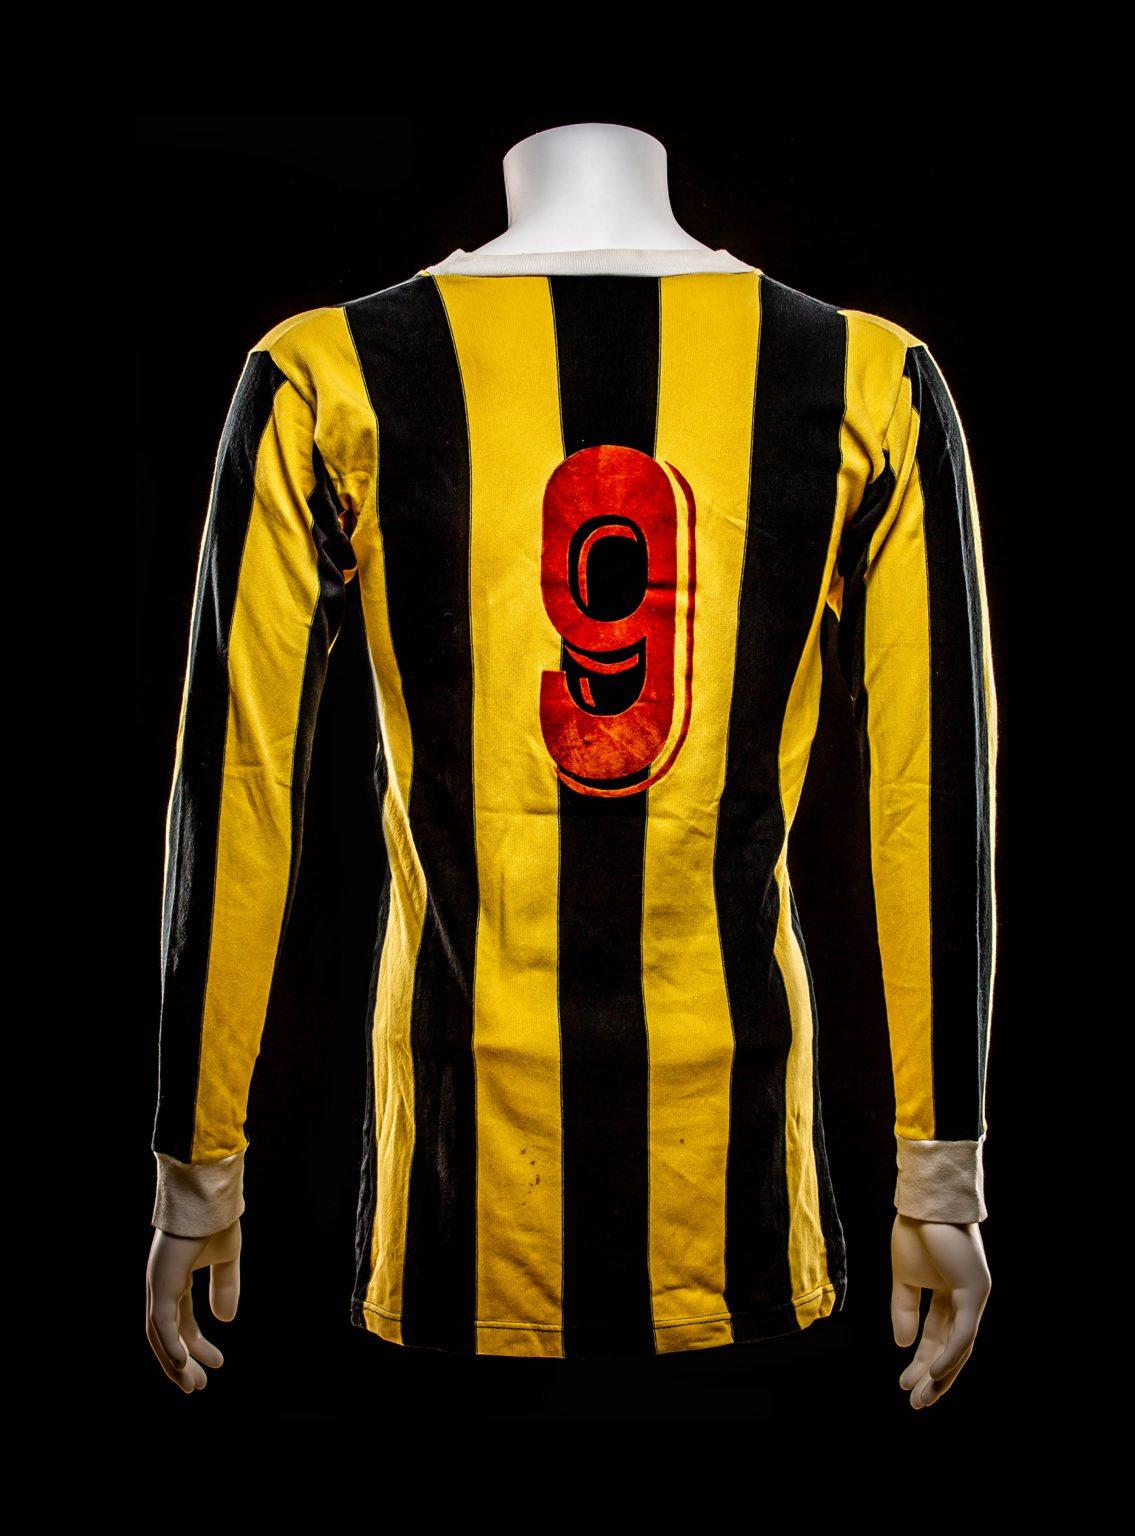 #9 Bennie Hofs Vitesse Shirt 1975-1976